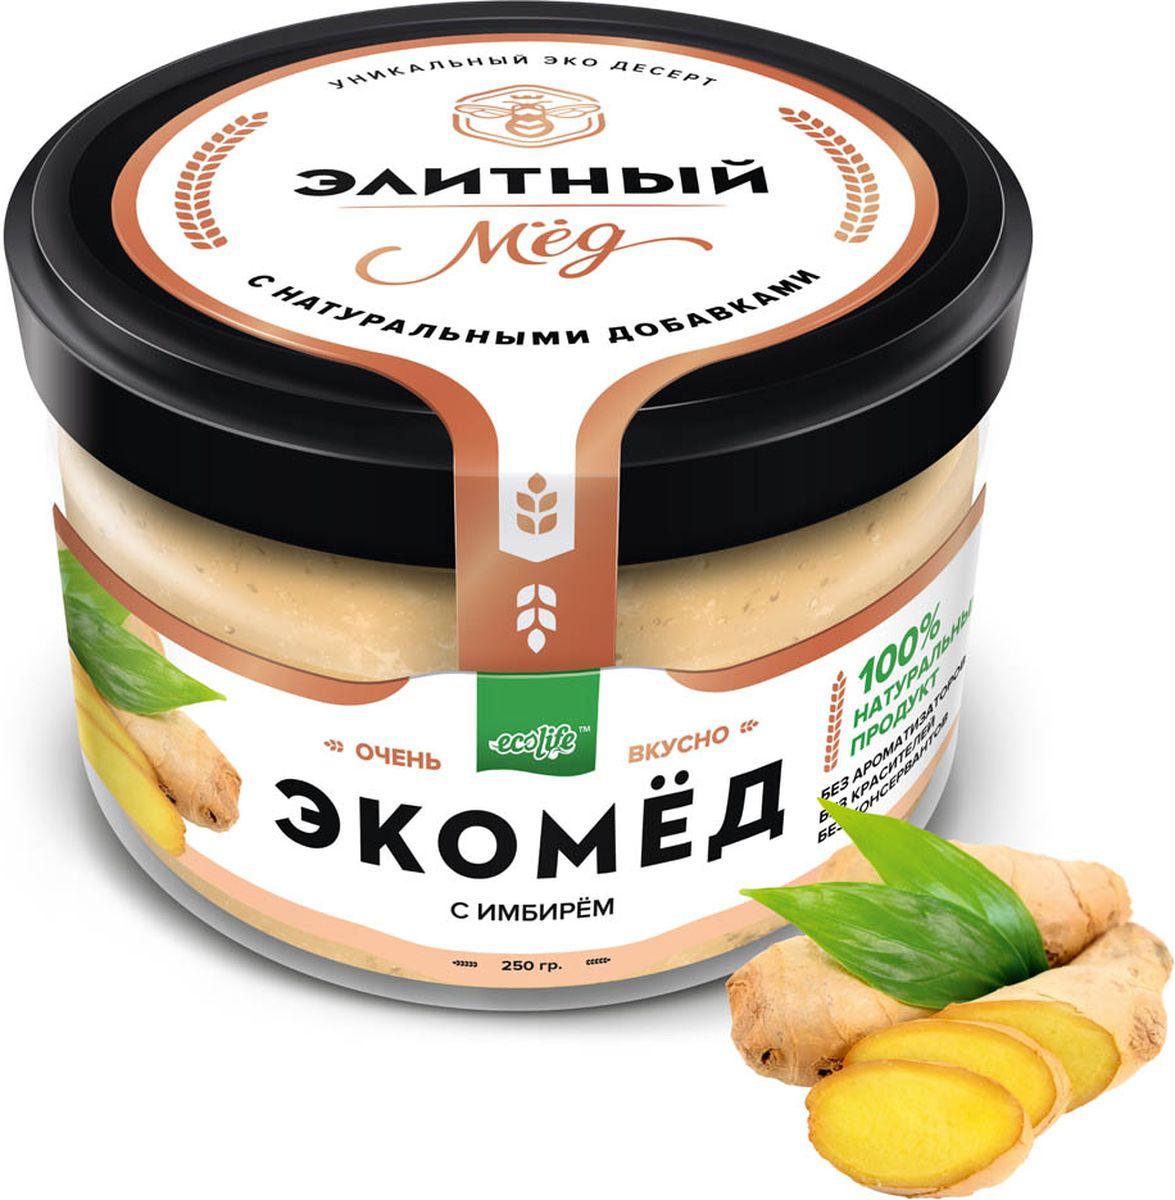 Ecolife Экомед с имбирем, 250 г0120710100% натуральный экопродукт, имеющий в составе только натуральные ингредиенты. При изготовлении не используется дешевый подсолнечный мёд. Мед не нагревается, сохраняются все его полезные свойства. Экомёд не имеет эффекта расслаивания.